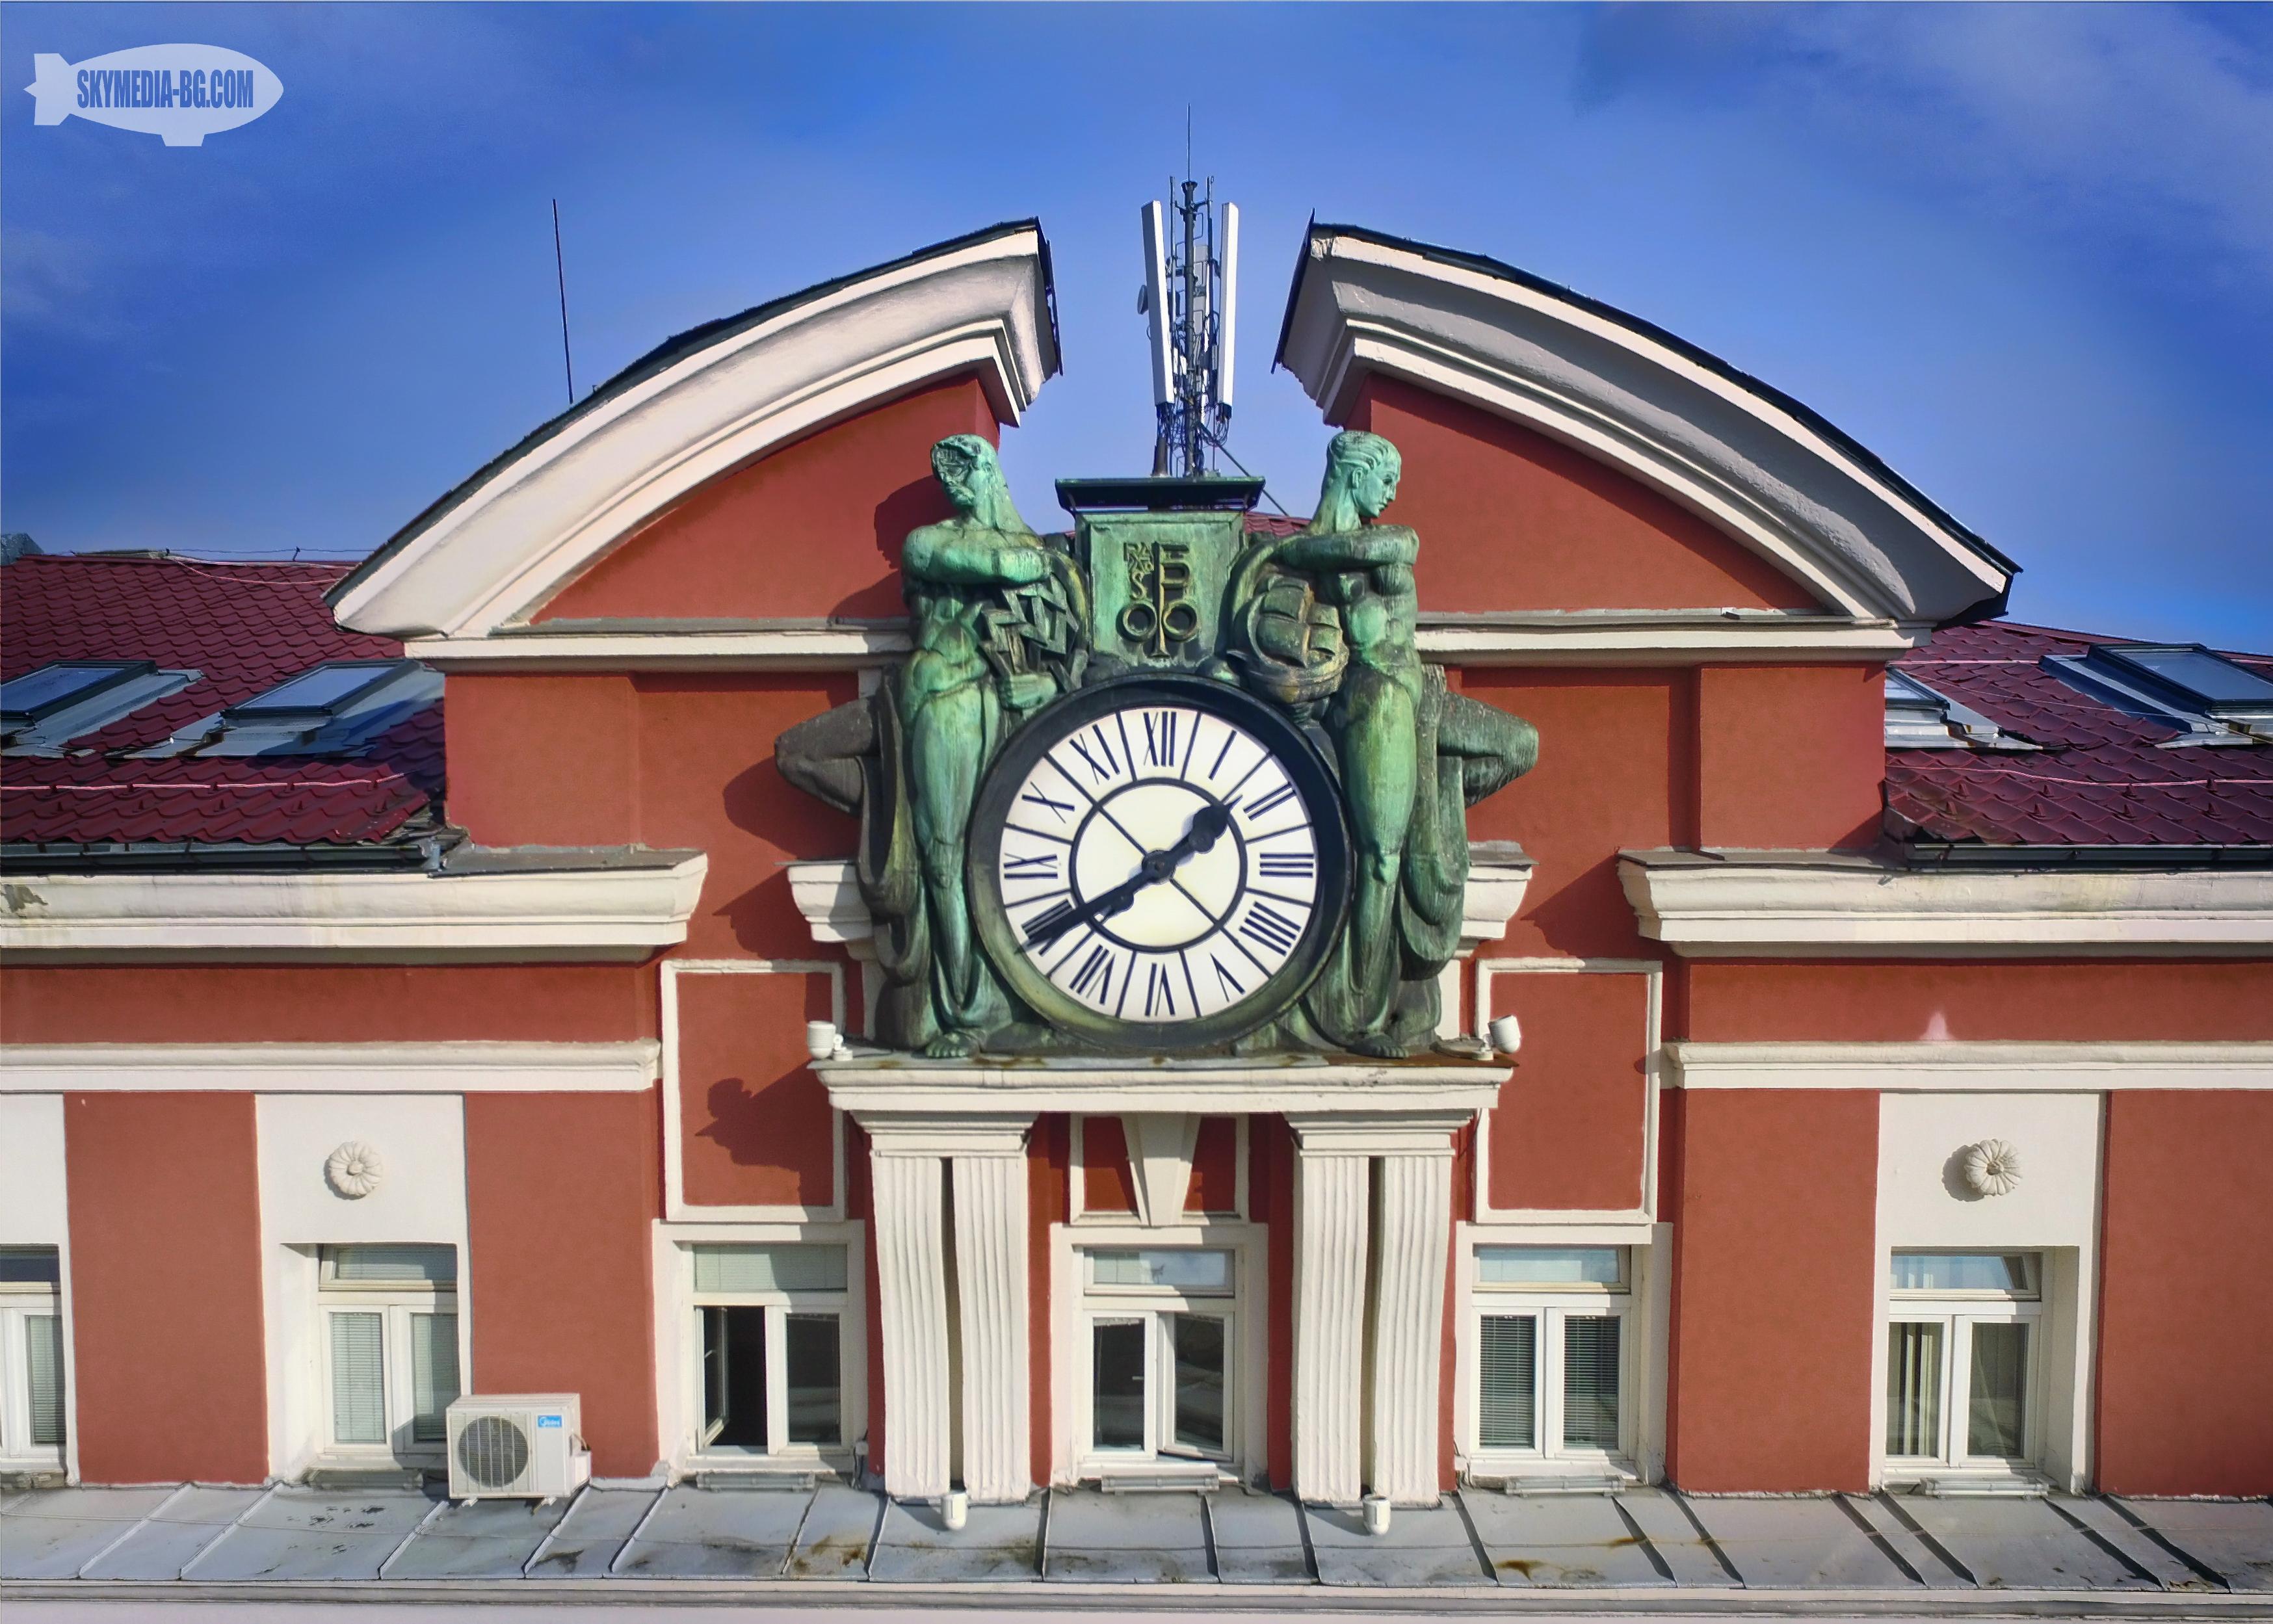 """""""Палата Феникс"""" се намира на бул. """"Дондуков"""" 3. Сградата е проектирана от архитектурно бюро """"Фингов, Ничев и Руков"""" за австрийско застрахователно дружество и е завършена през 1927г. Над часовника се е намирал феникс, който е разрушен при бомбардировките над София. През 1963 е надстроена с един етаж. В момента се ползва от агенцията по заетостта."""